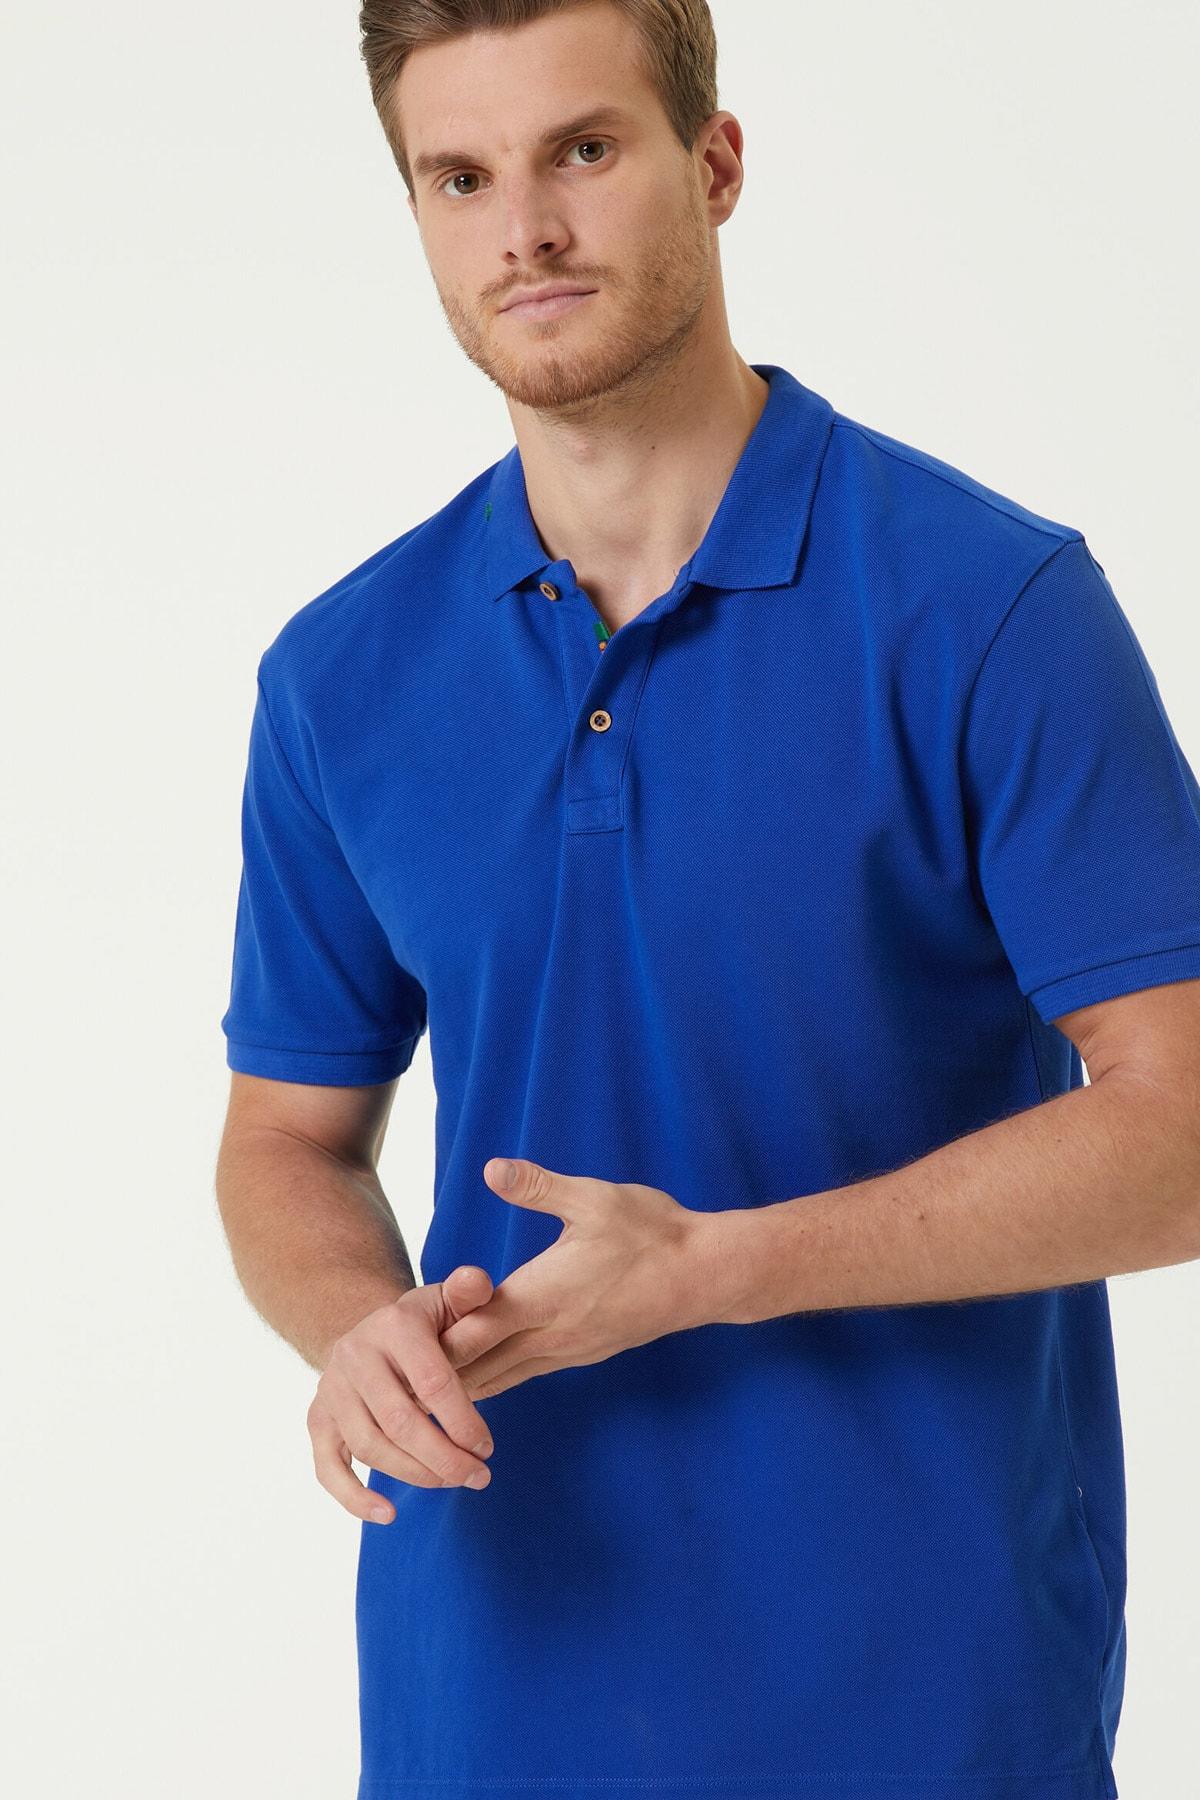 Erkek Slim Fit Saks Polo Yaka T-shirt 1079747